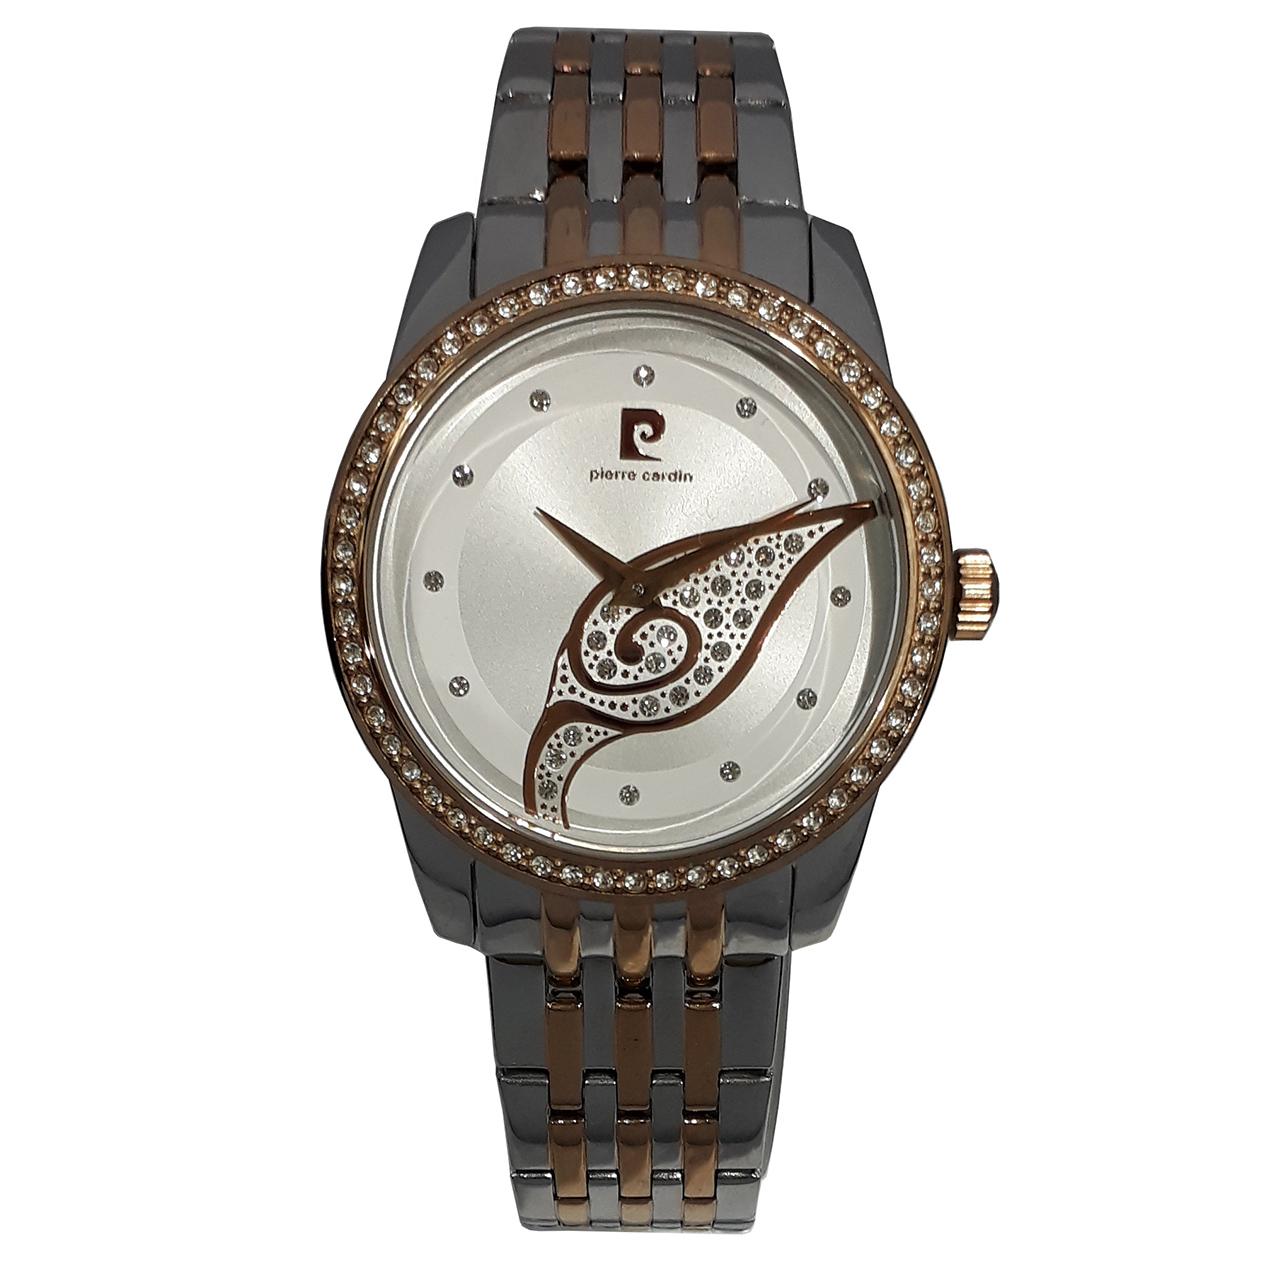 ساعت مچی عقربه ای زنانه پیر کاردین مدل PC106172F21